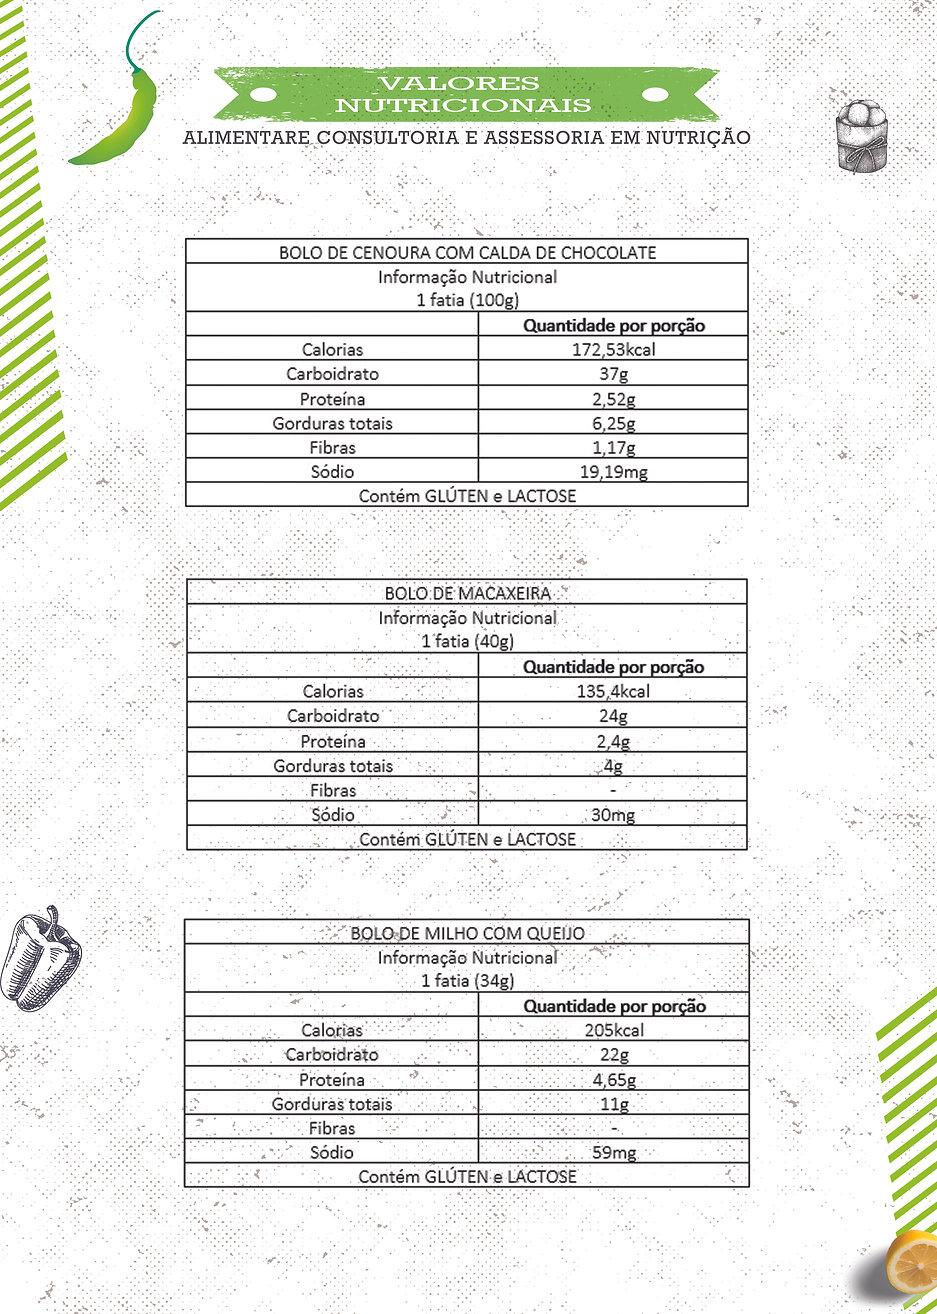 VALORES NUTRICIONAIS PAG 2.jpg